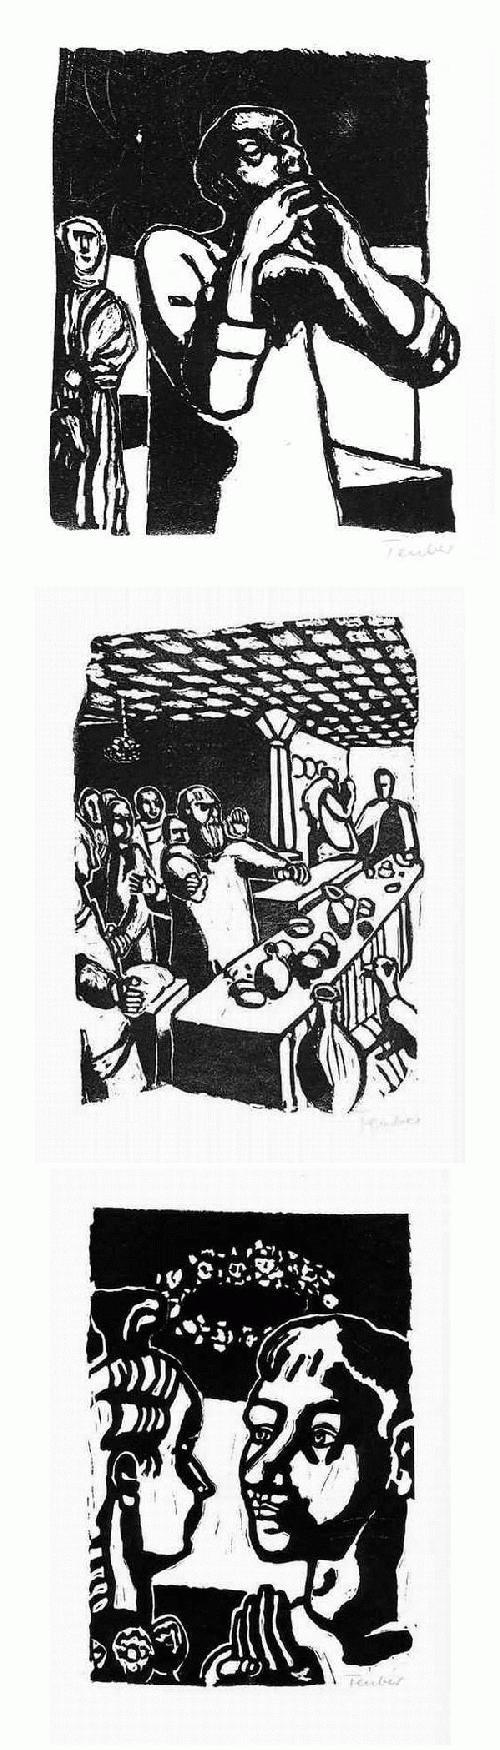 Gottfried Teuber - Das BUCH TOBIAS - 3 handsignierte OriginalLinolschnitte des RICHARD SEEWALD-Schülers - 1965 kopen? Bied vanaf 65!